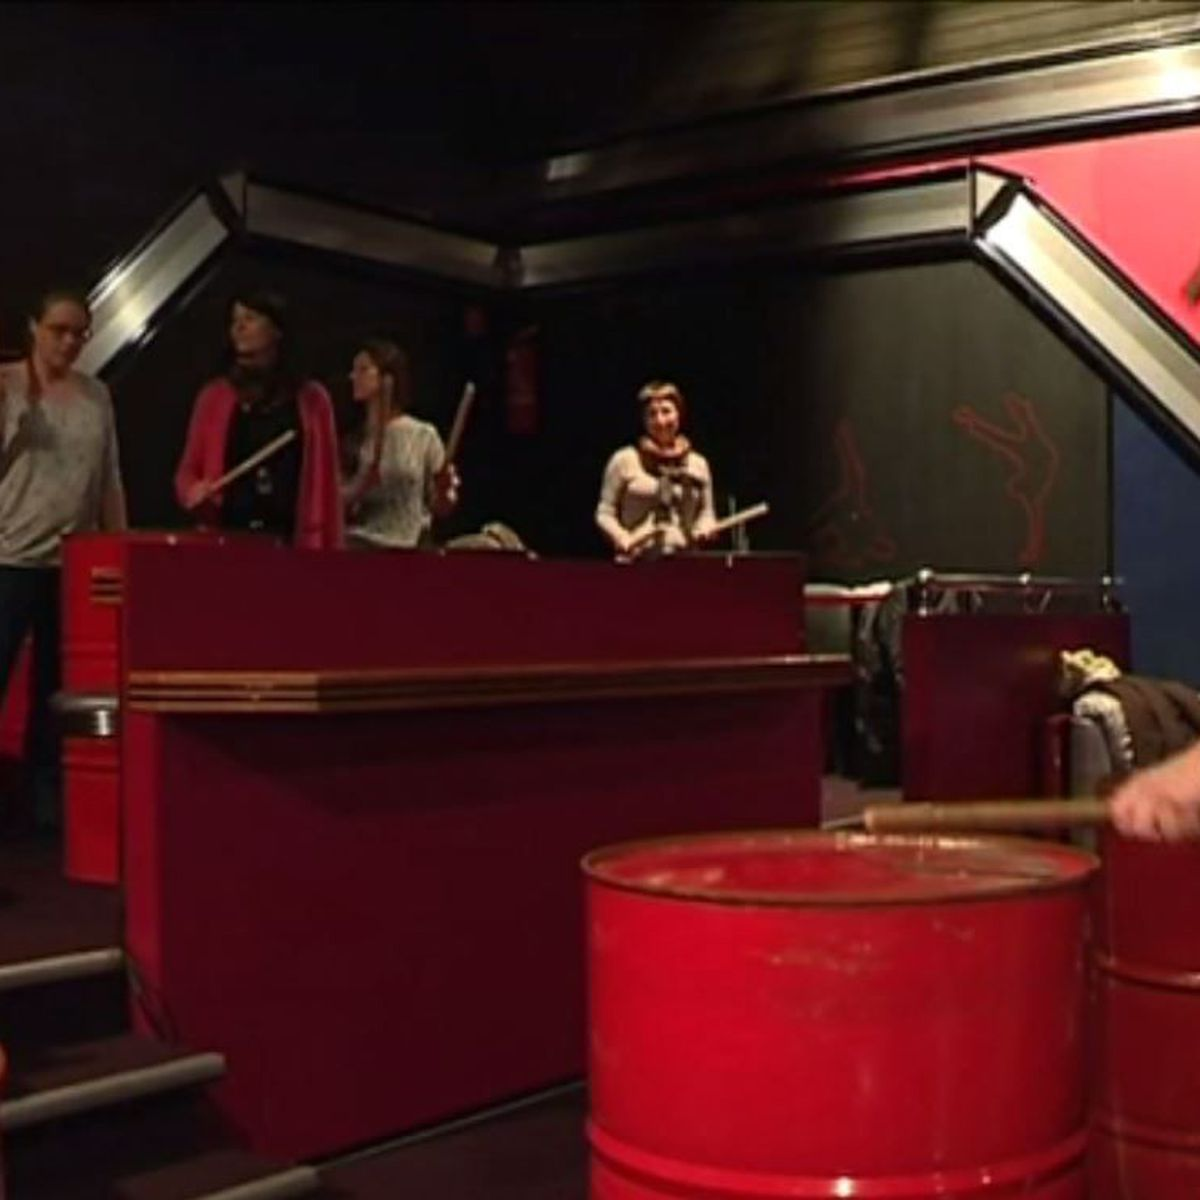 Un stage de percussions sur baril avec l'association Yellow Waves à Saint-Pierre